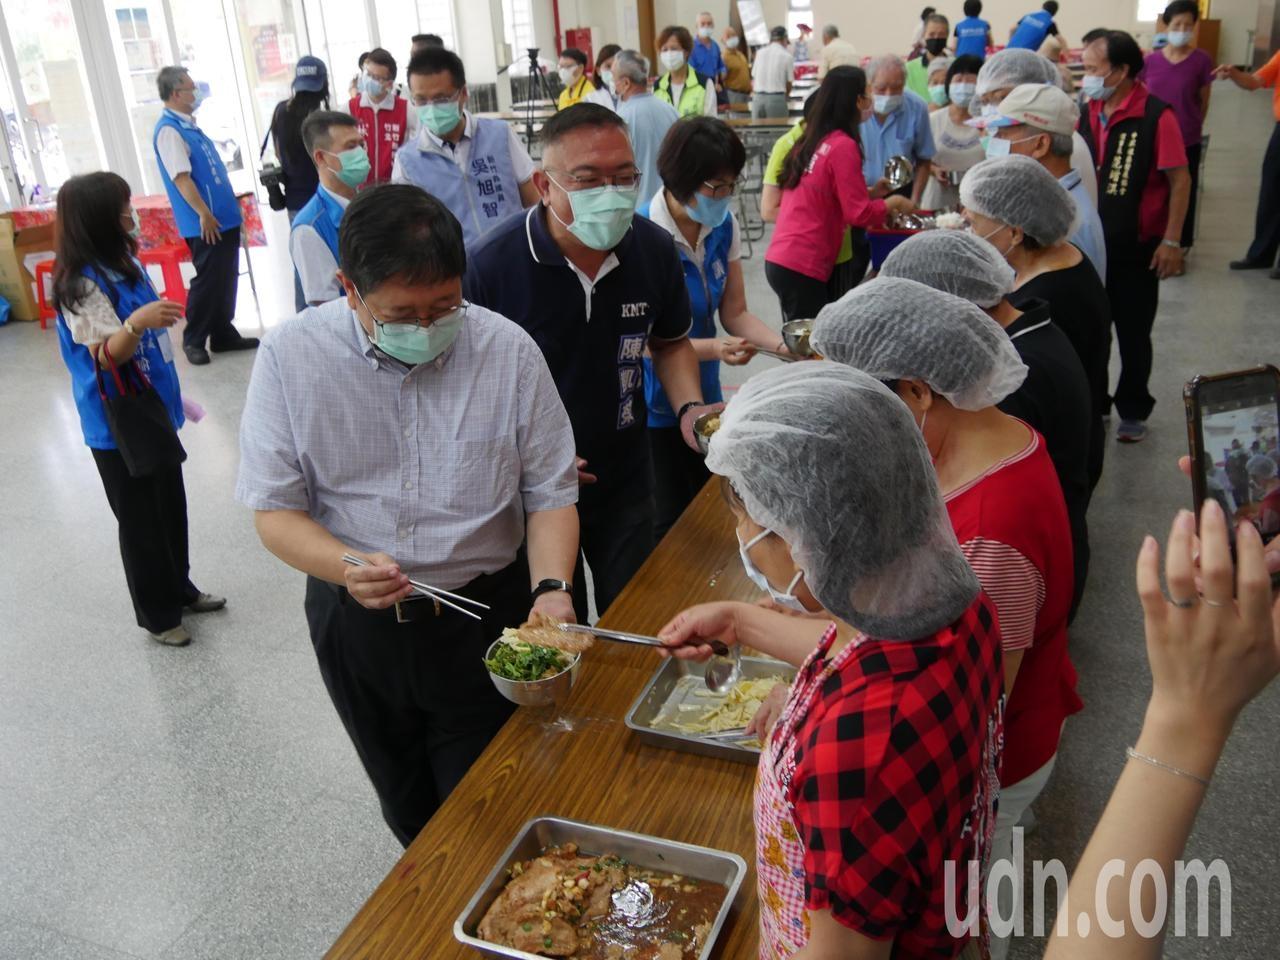 疫情趨緩,新竹縣100處社區據點,自6月1日起,恢復預防及延緩失能課程及共餐服務、健康促進等活動。記者陳斯穎/攝影